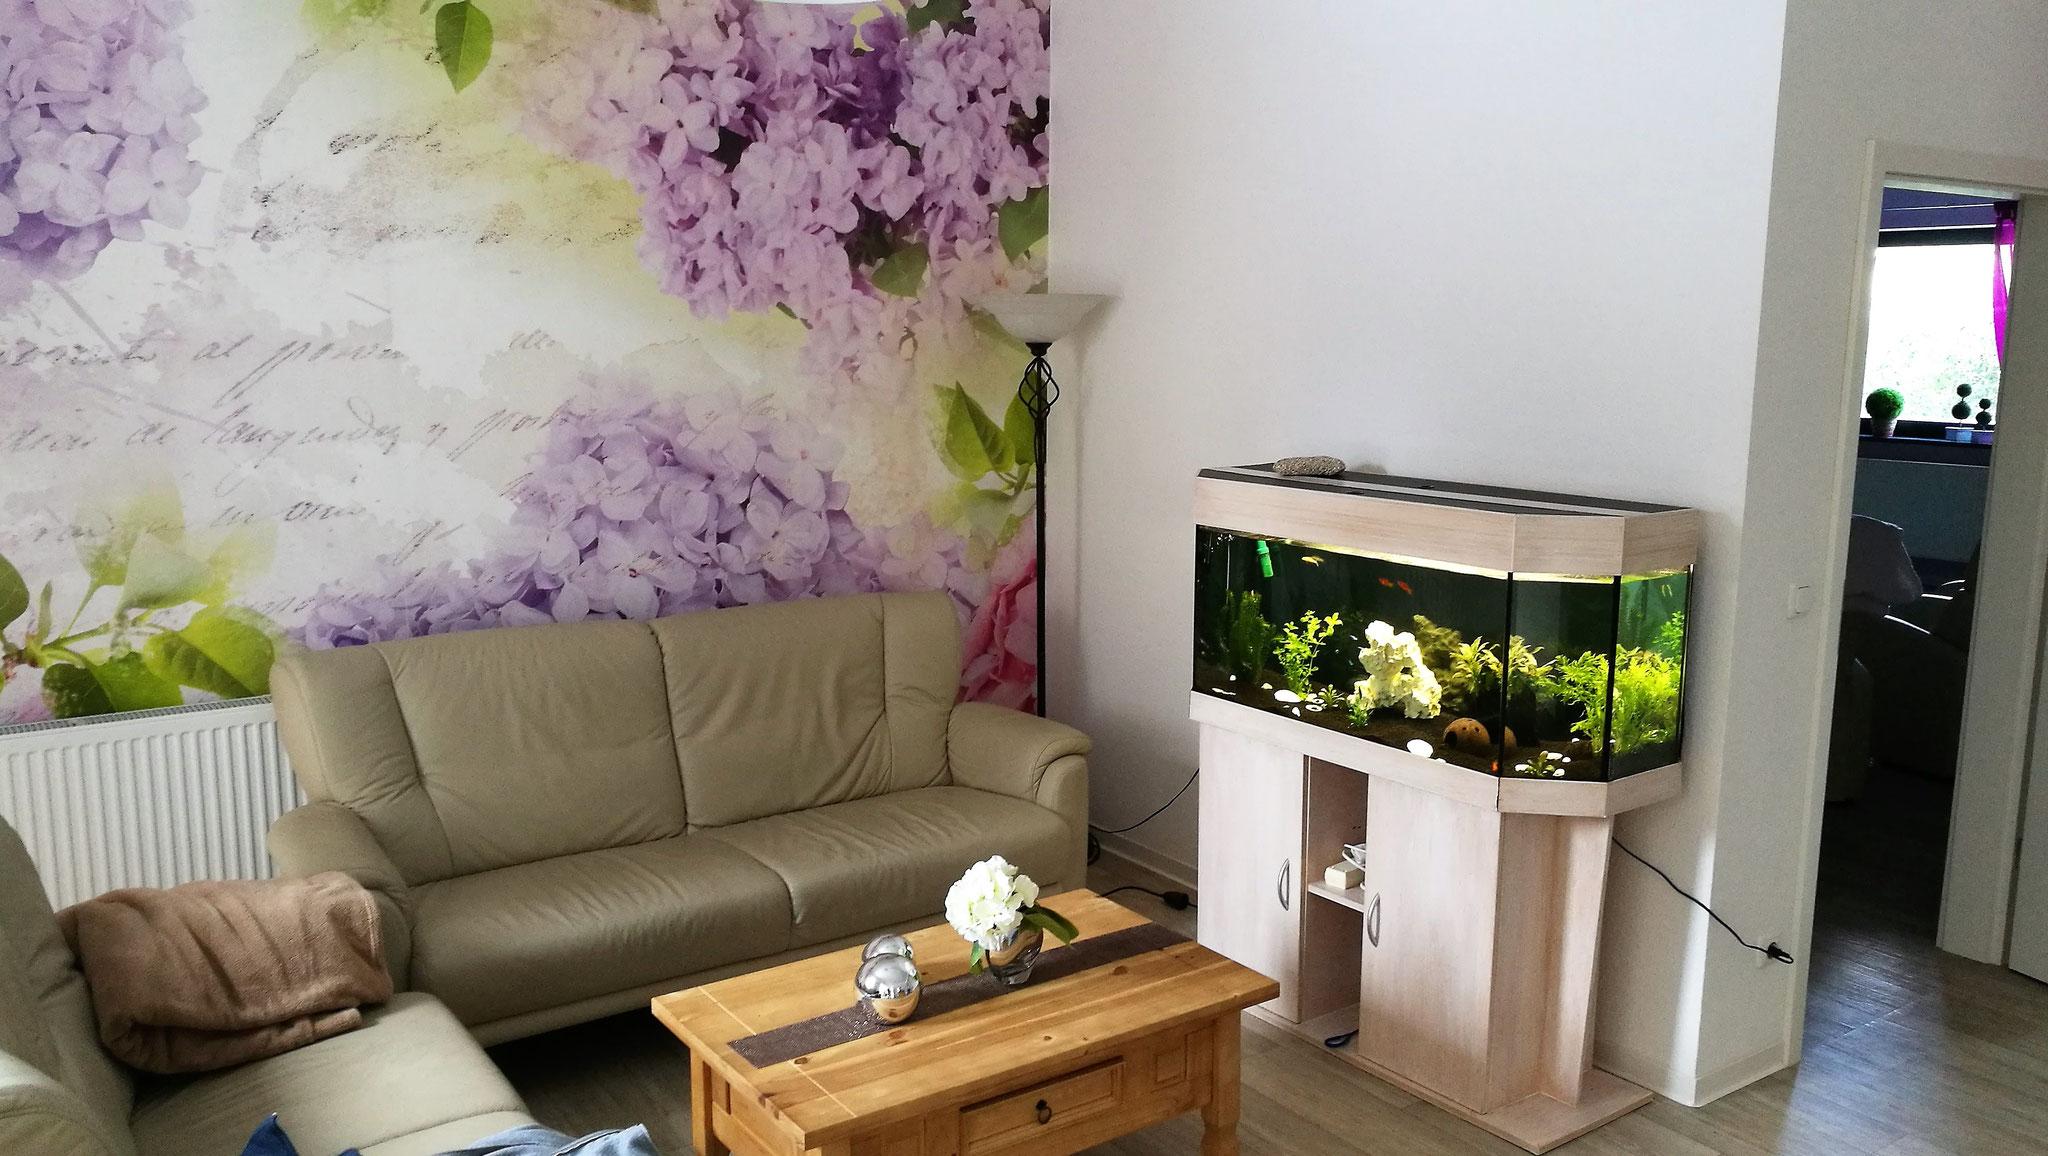 Ruhiger Sitzbereich mit Aquarium